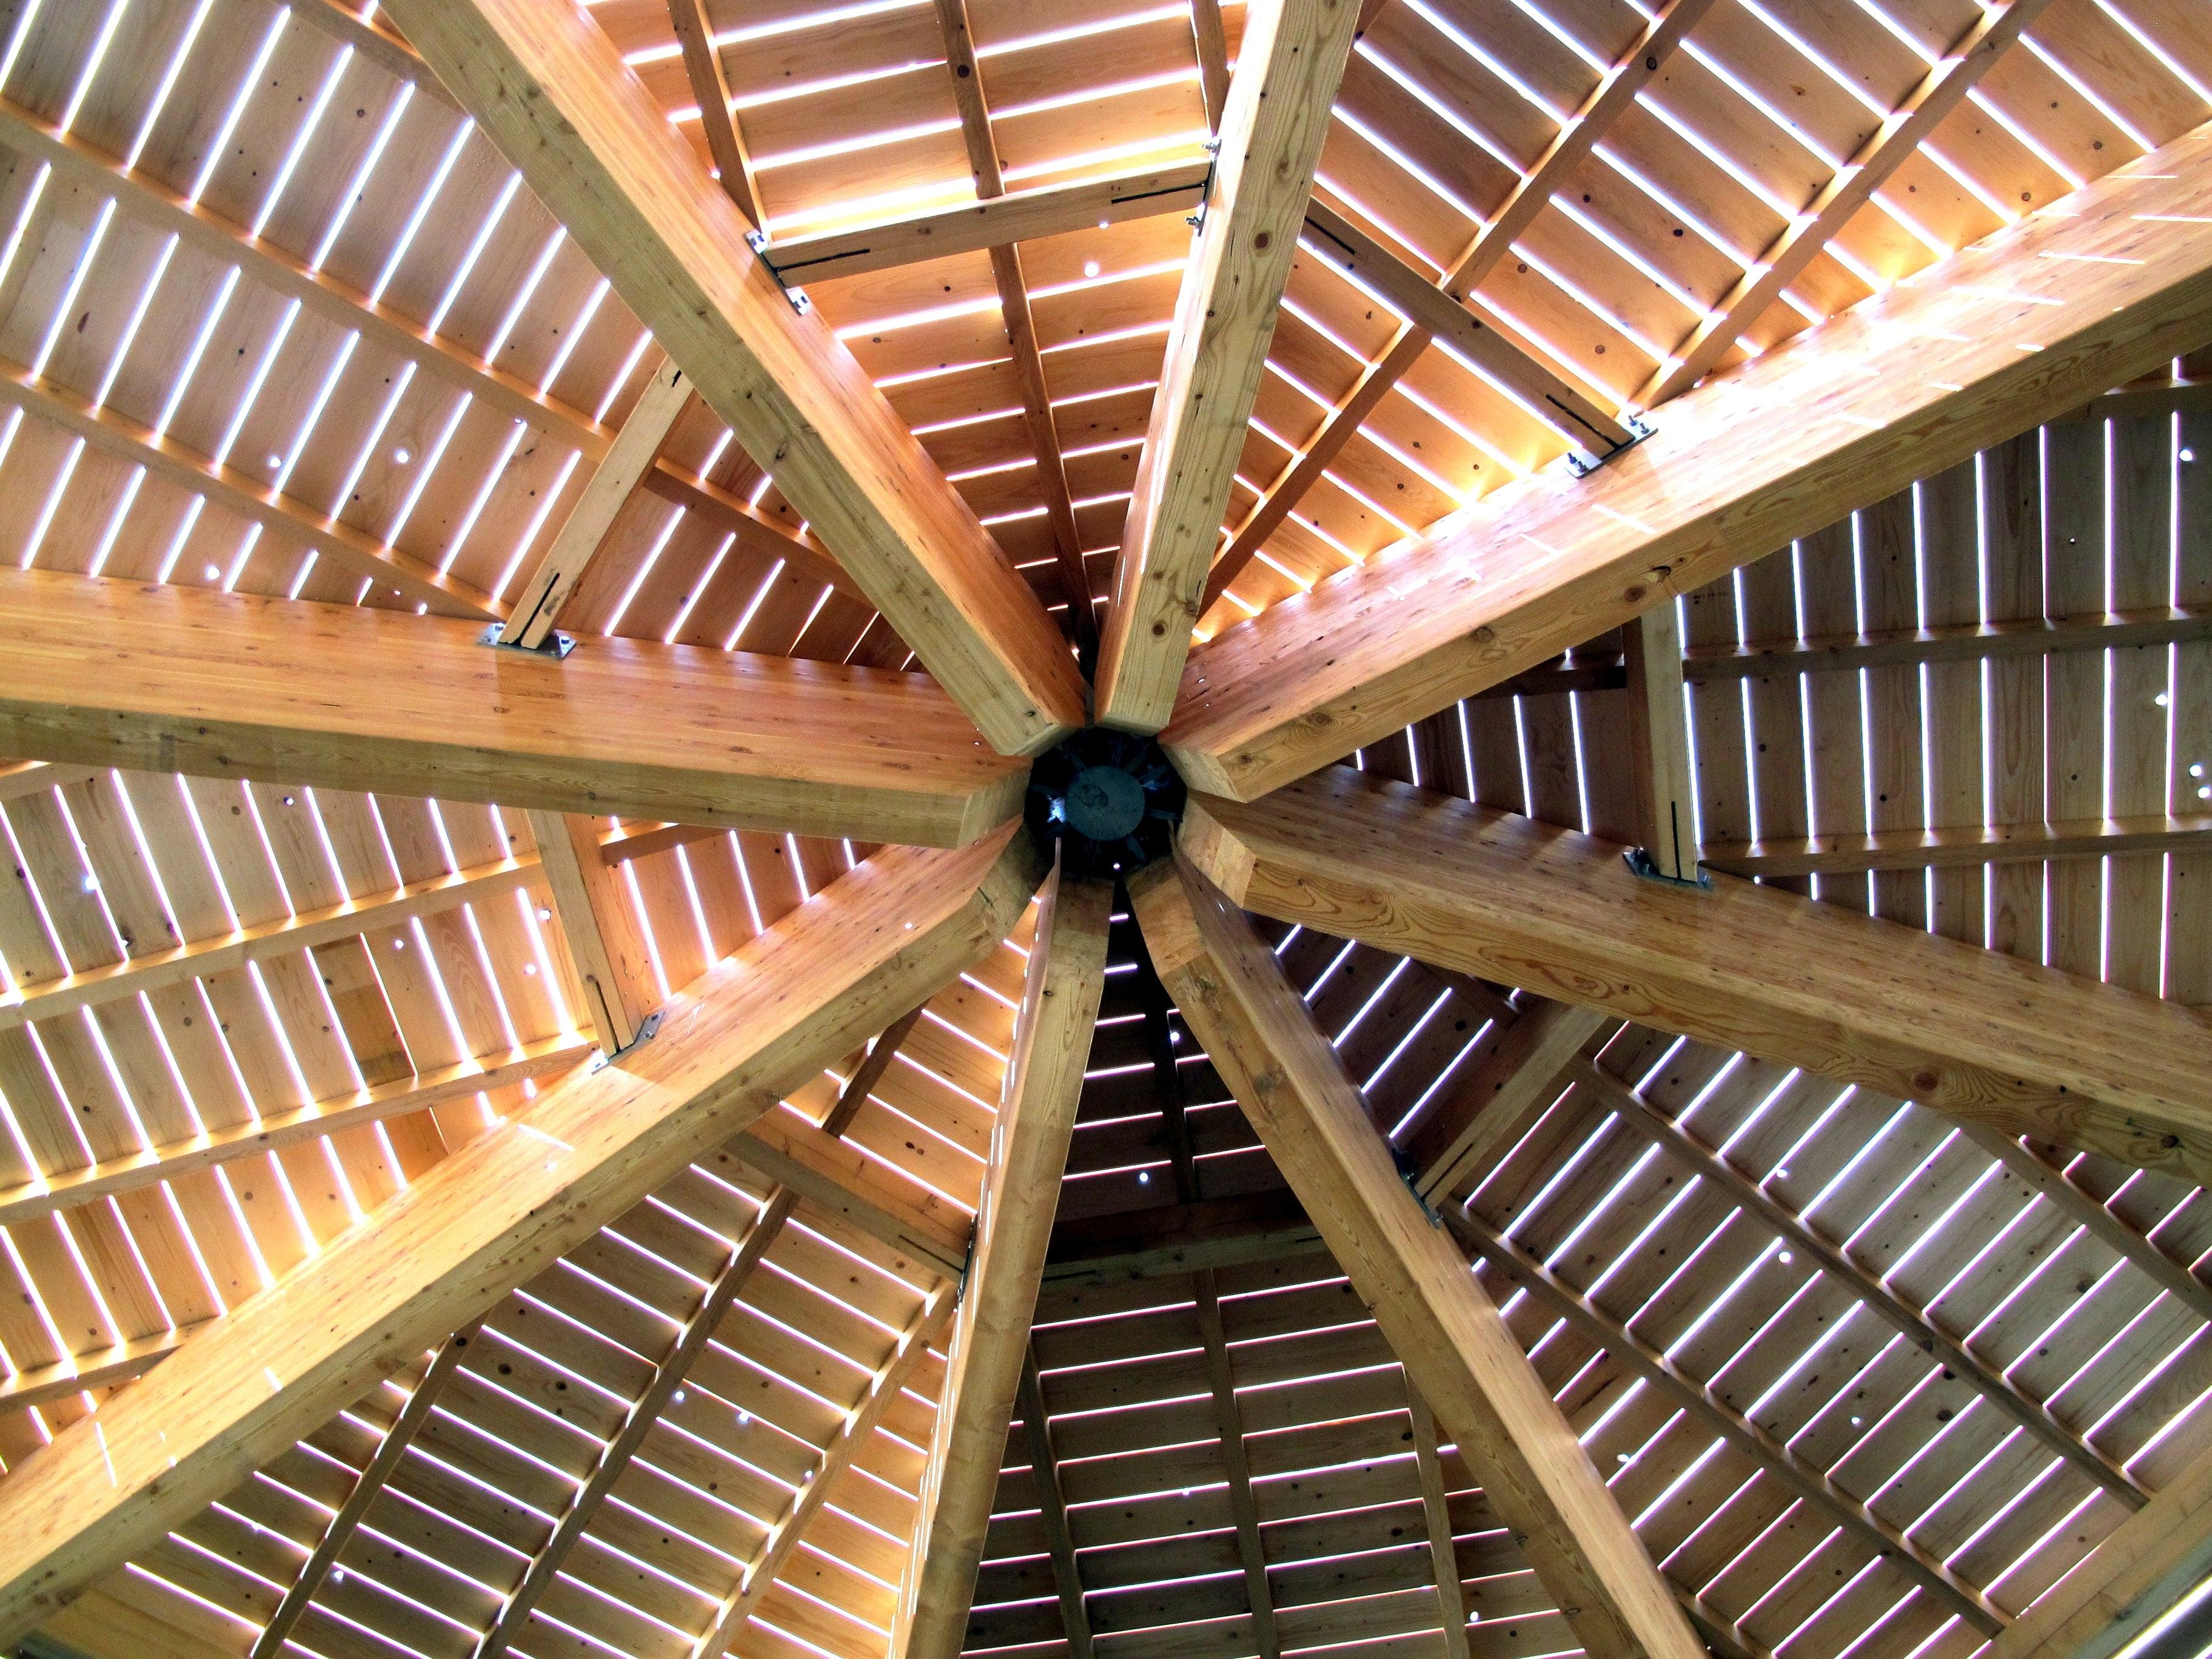 Construction charpente et structure en bois ark dia olry for Construction en bois wiki